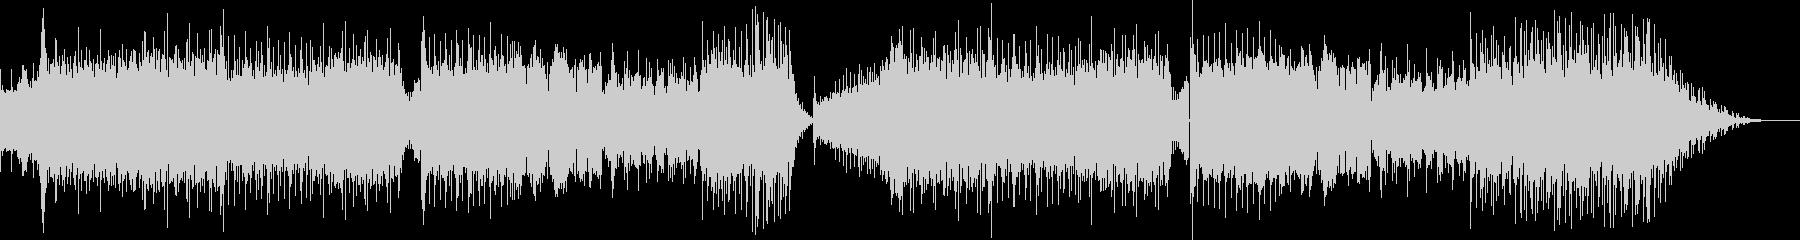 ロックとテクノをMIXした疾走感ある曲の未再生の波形